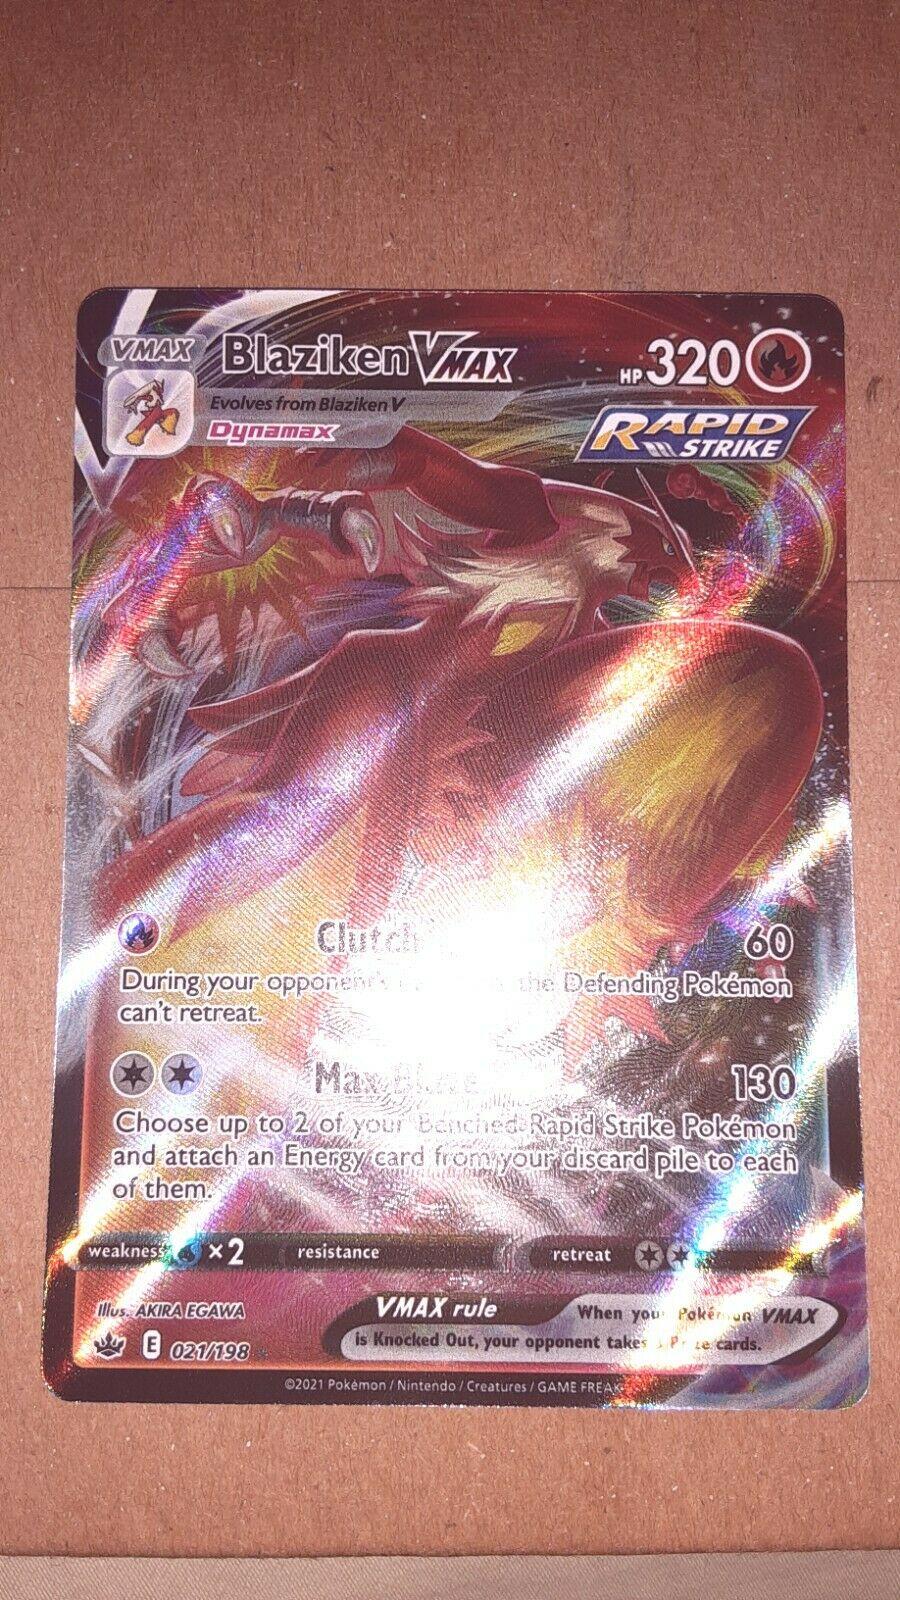 Pokemon TCG Chilling Reign Blaziken VMAX Full Art #021/198 - Image 1